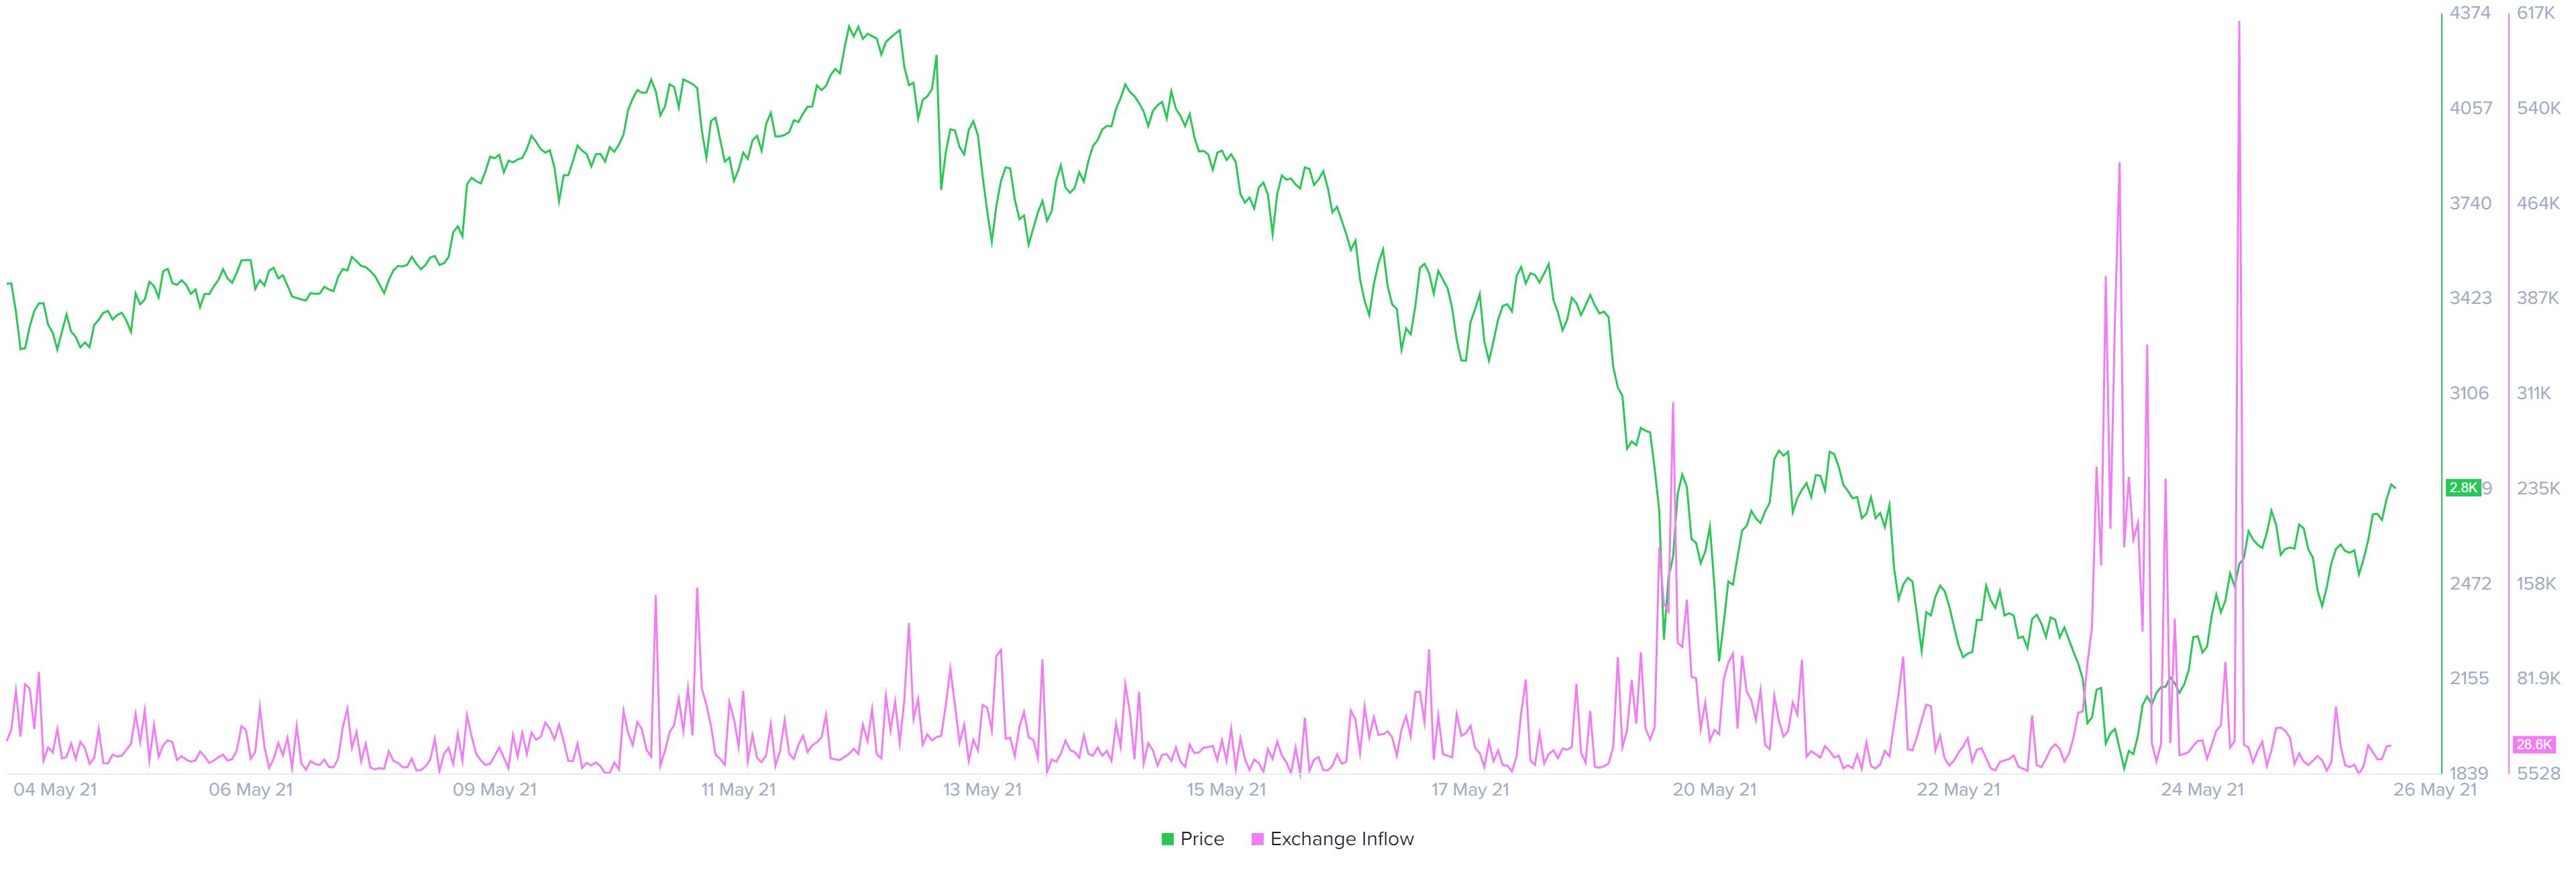 Graphique de l'offre d'ETH sur les échanges